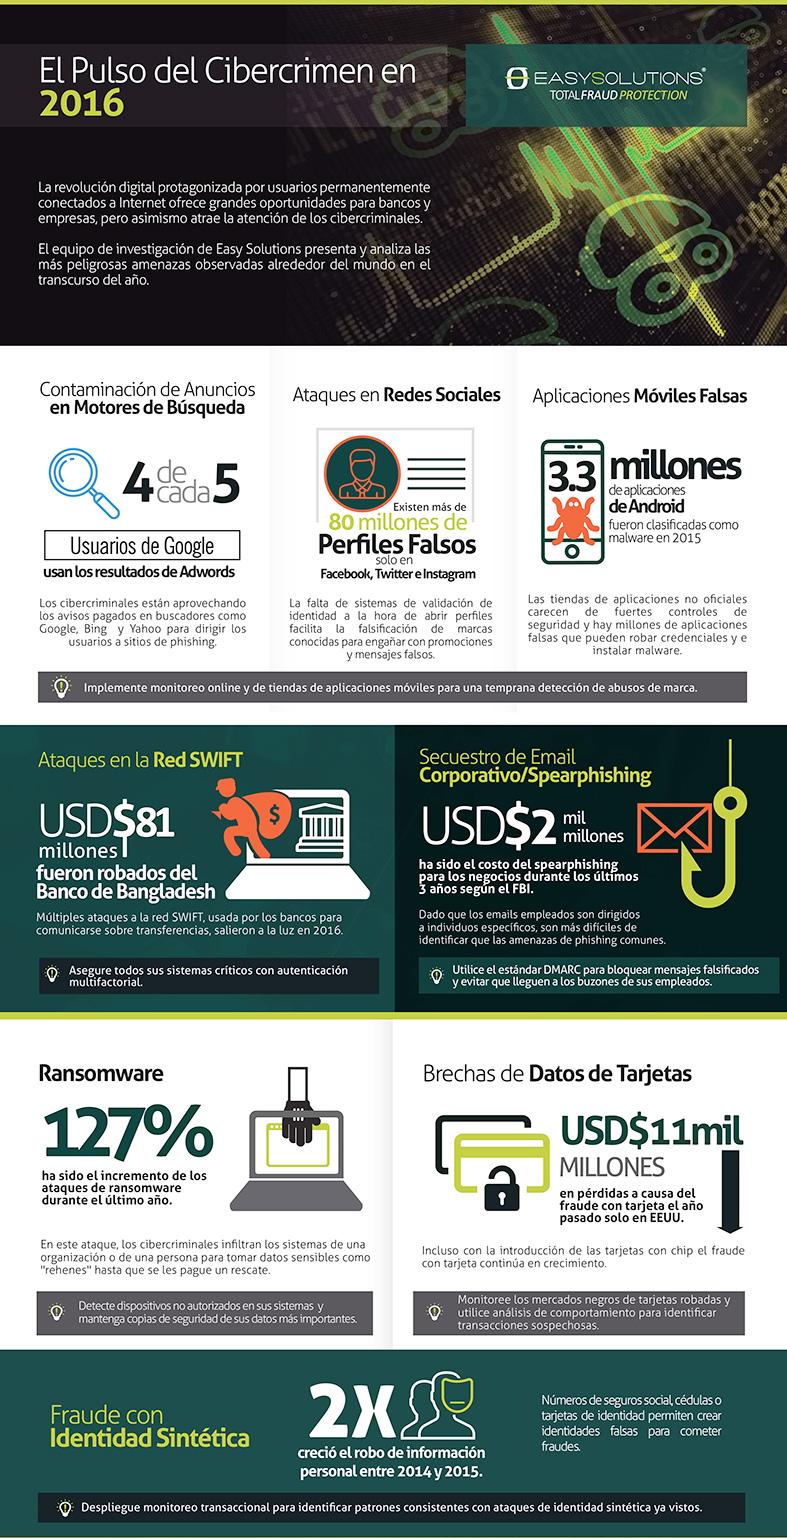 infografia-informe-de-amenazas-septiembre-2016